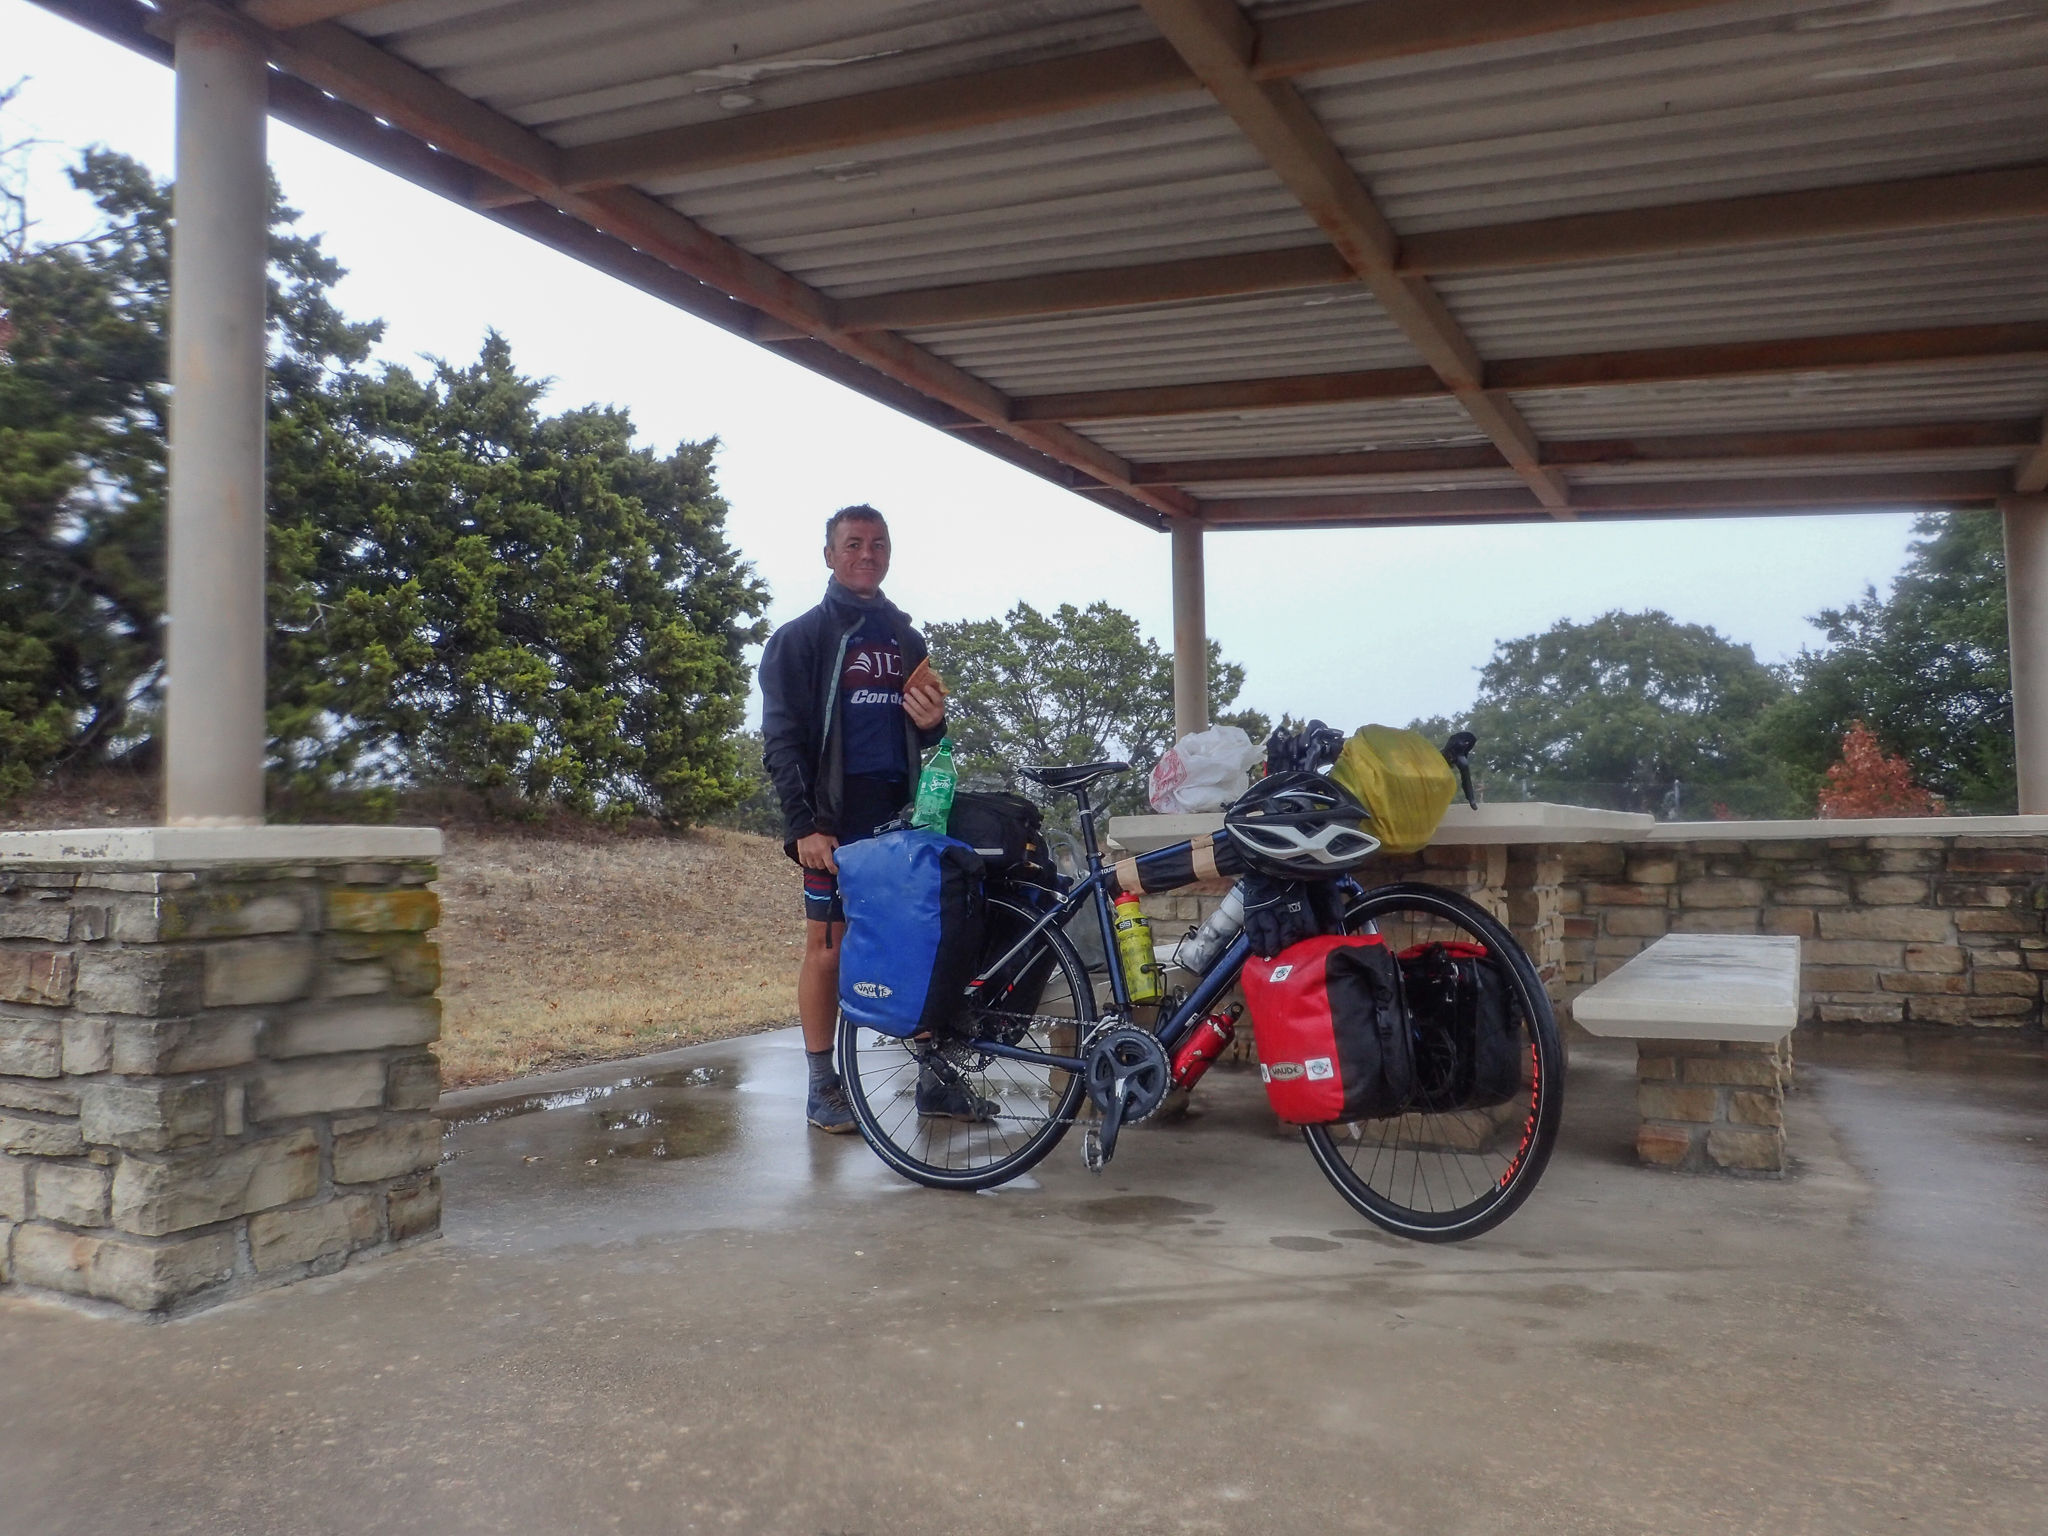 Rainy weather pit-stop, Texas